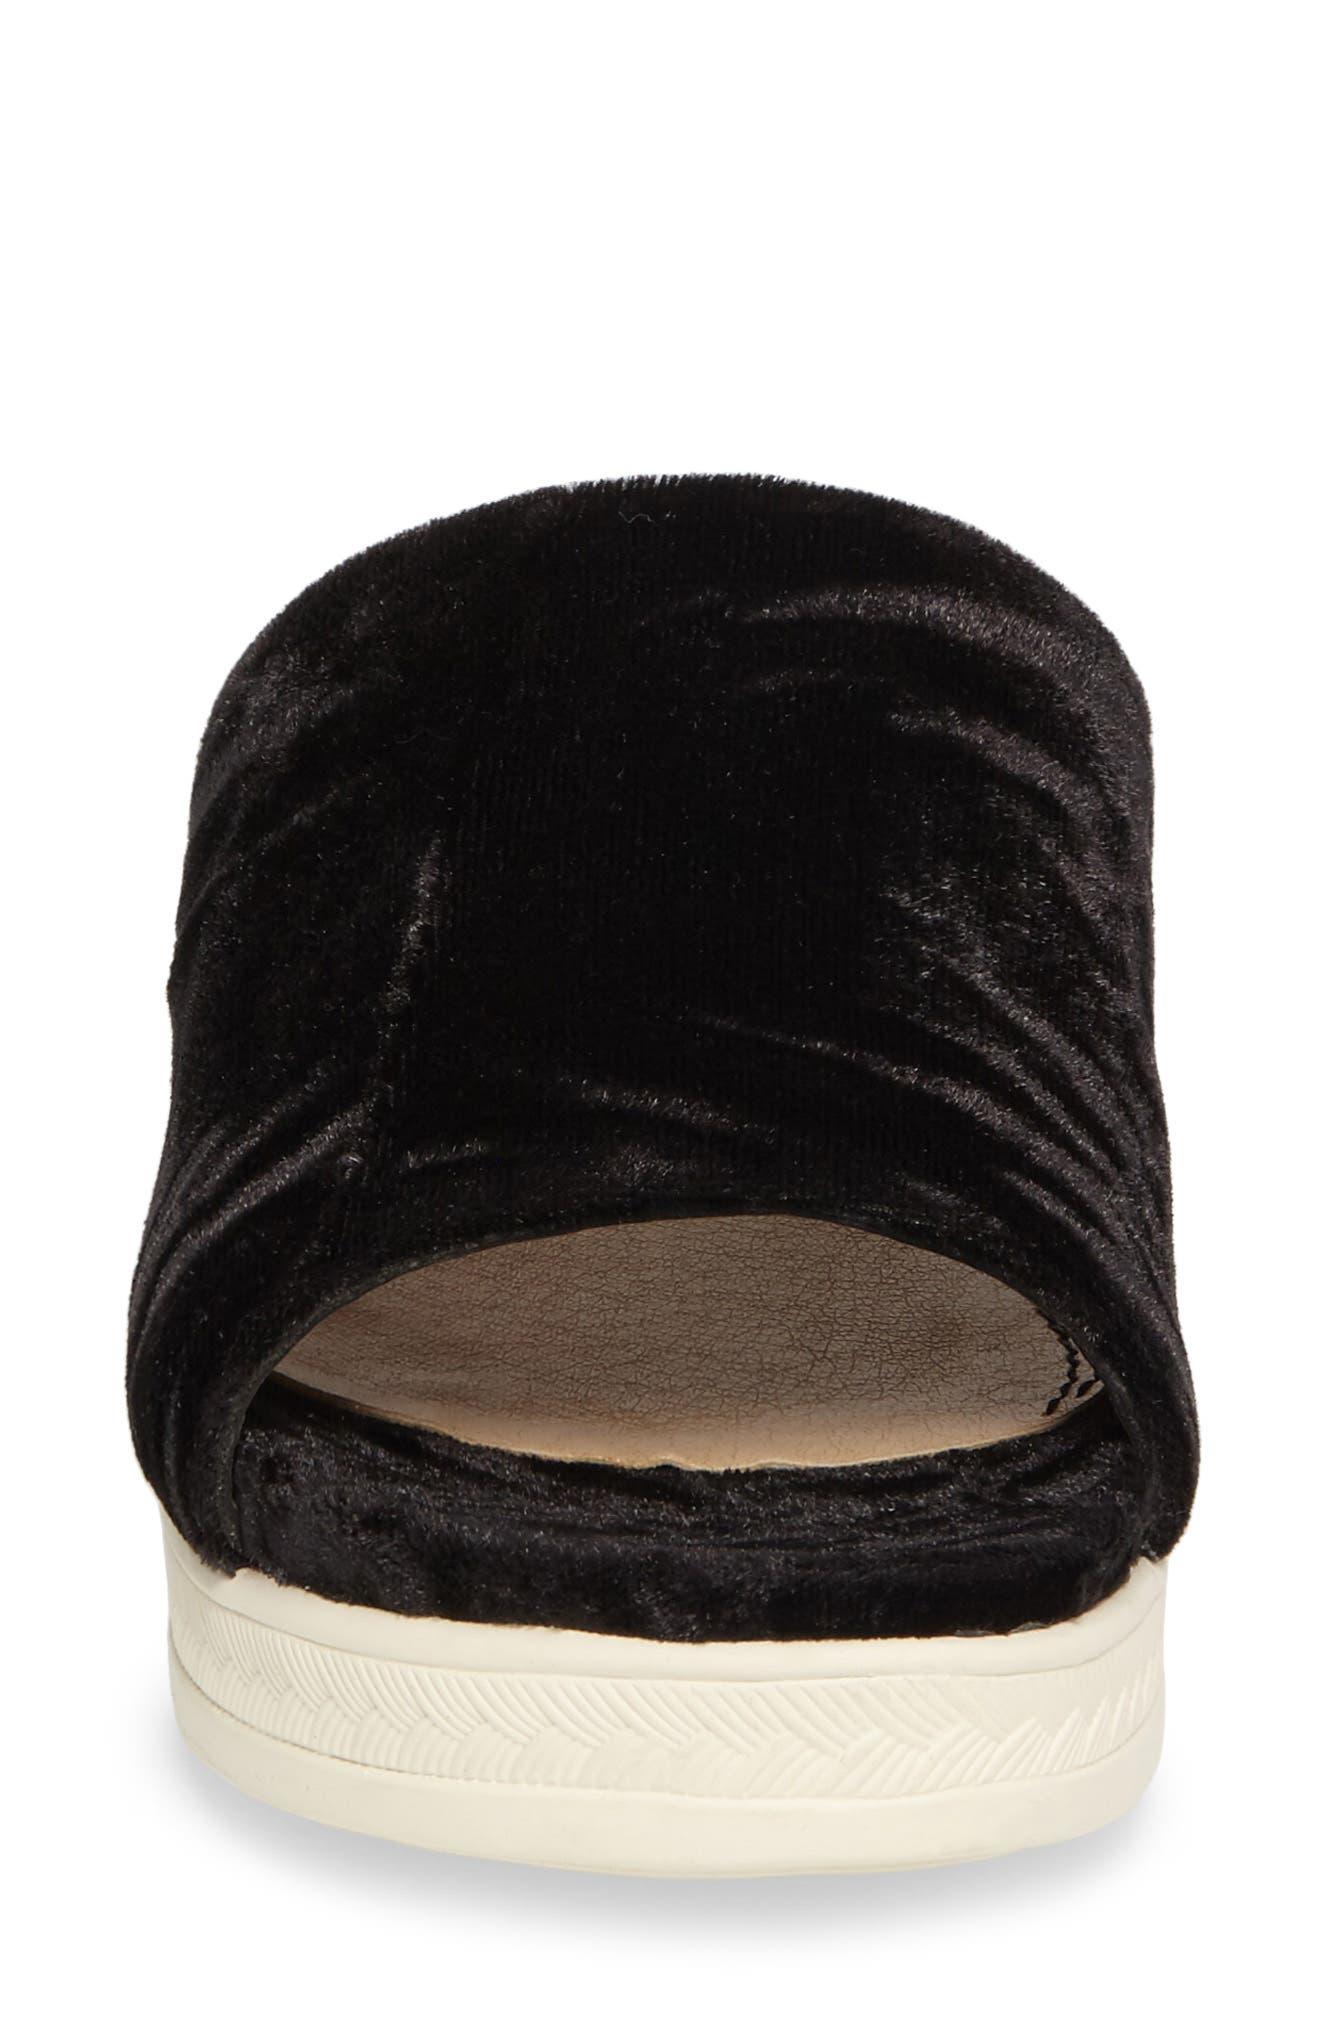 Alternate Image 4  - Splendid Darla Slide Sandal (Women)